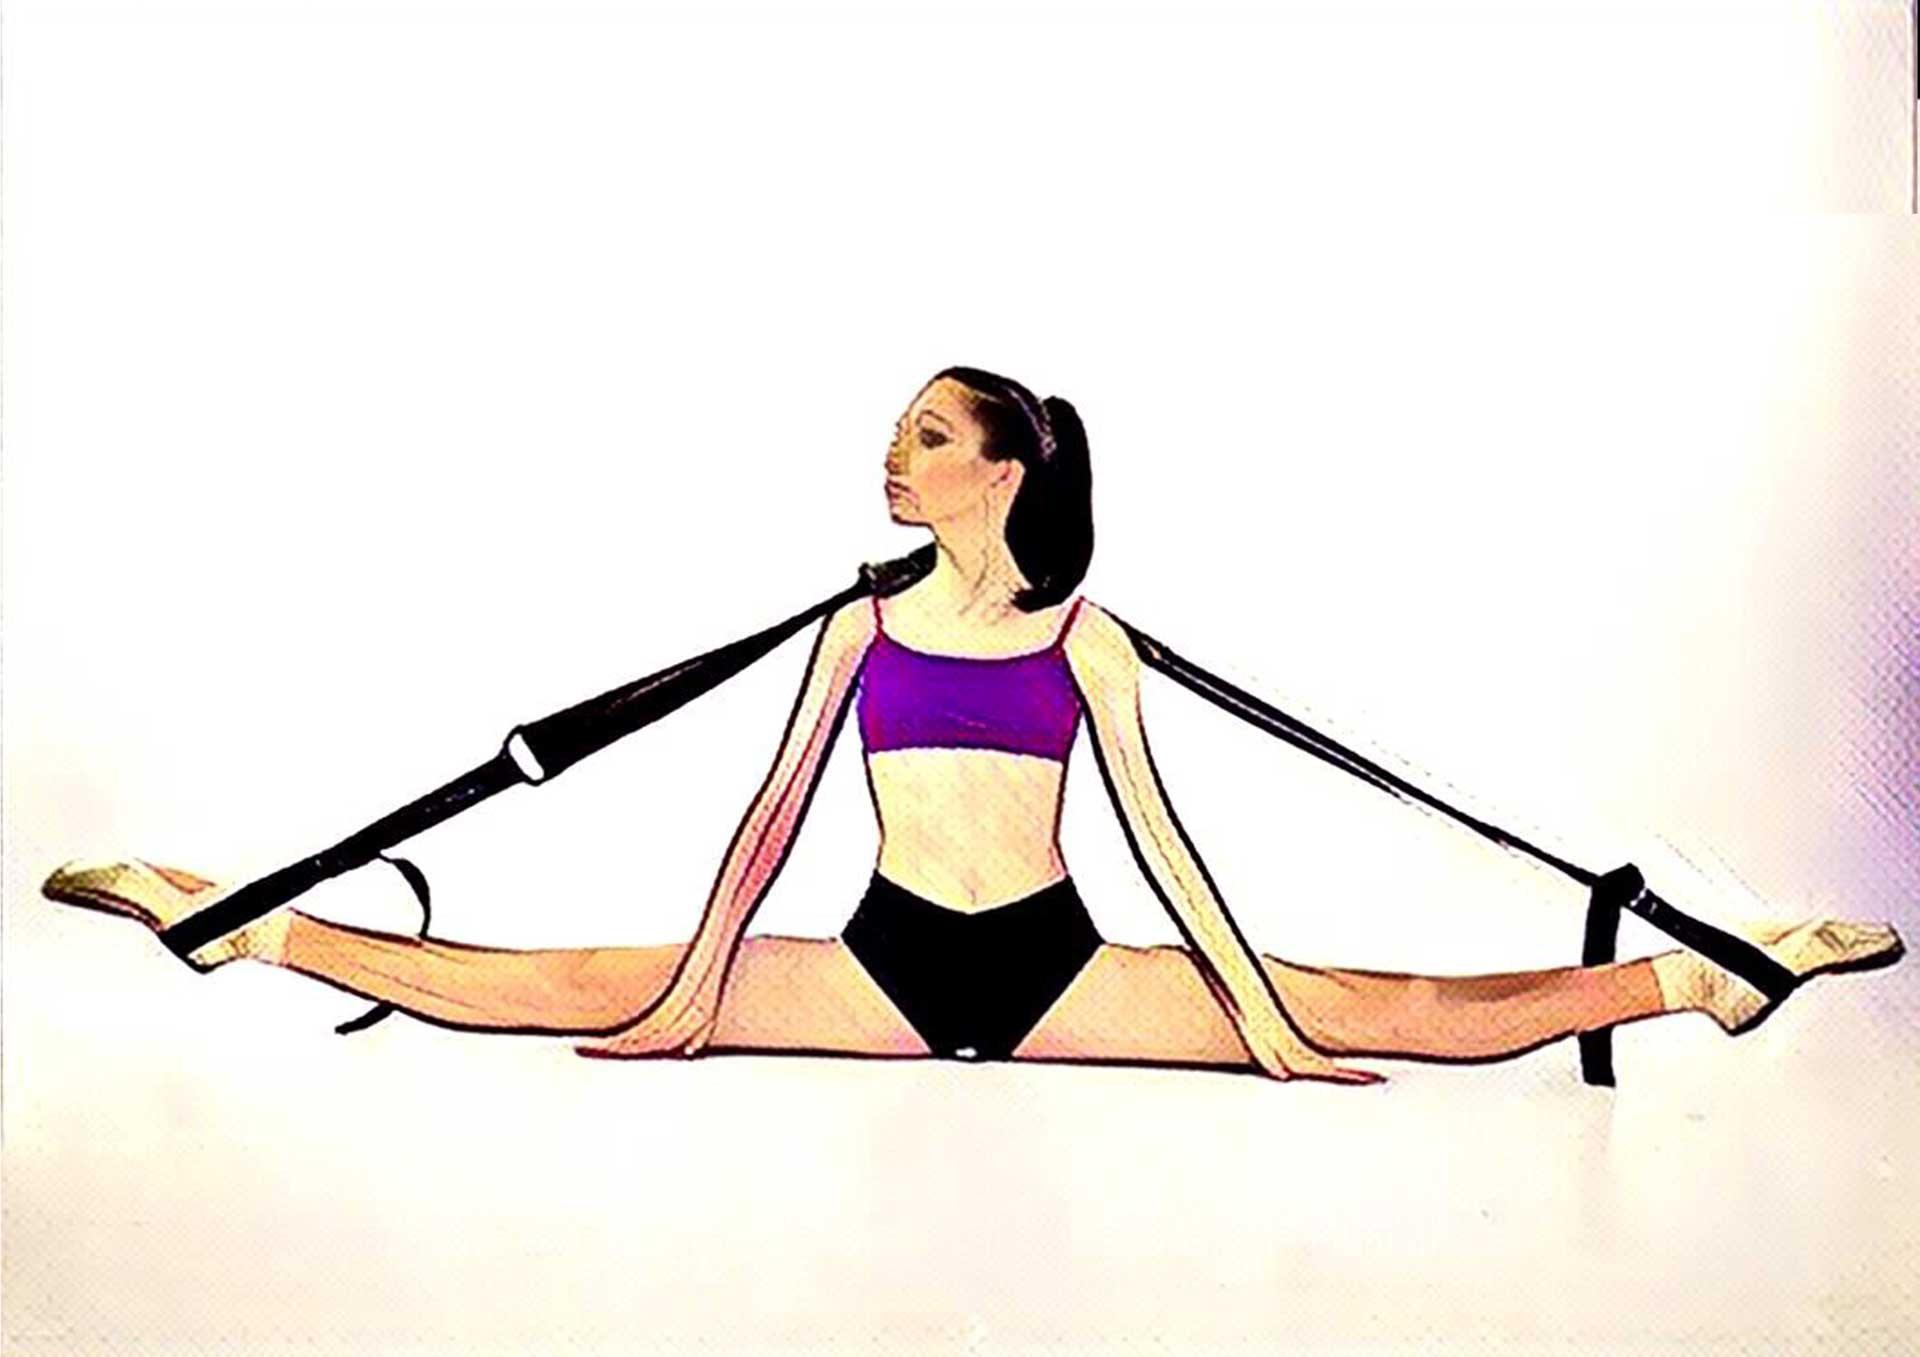 Training for flexibility novara